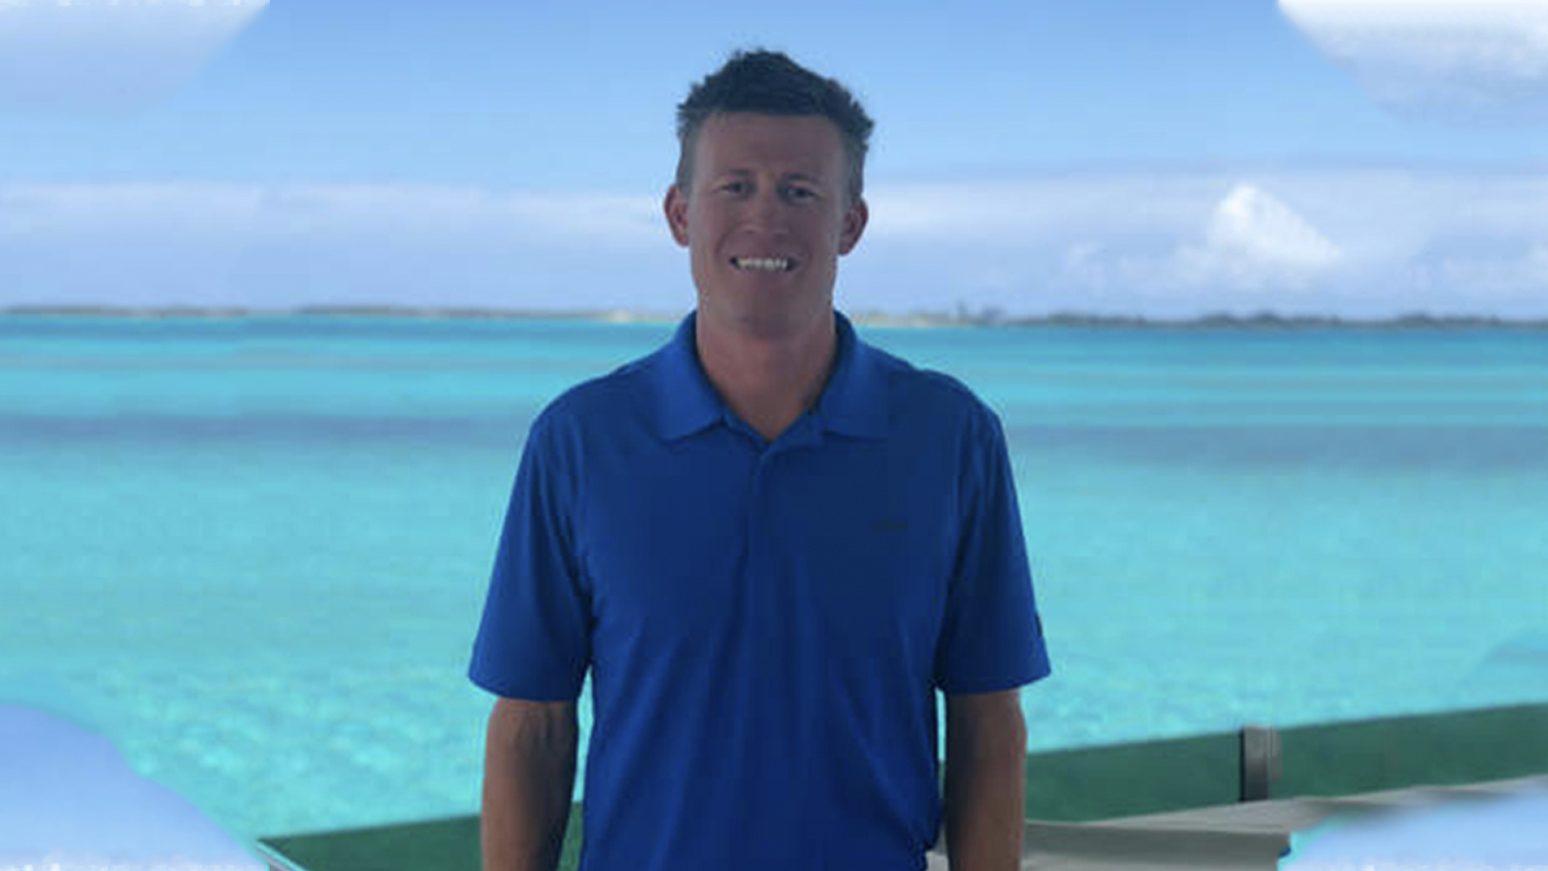 FunAir Ambassadors Captain Paul Clarke